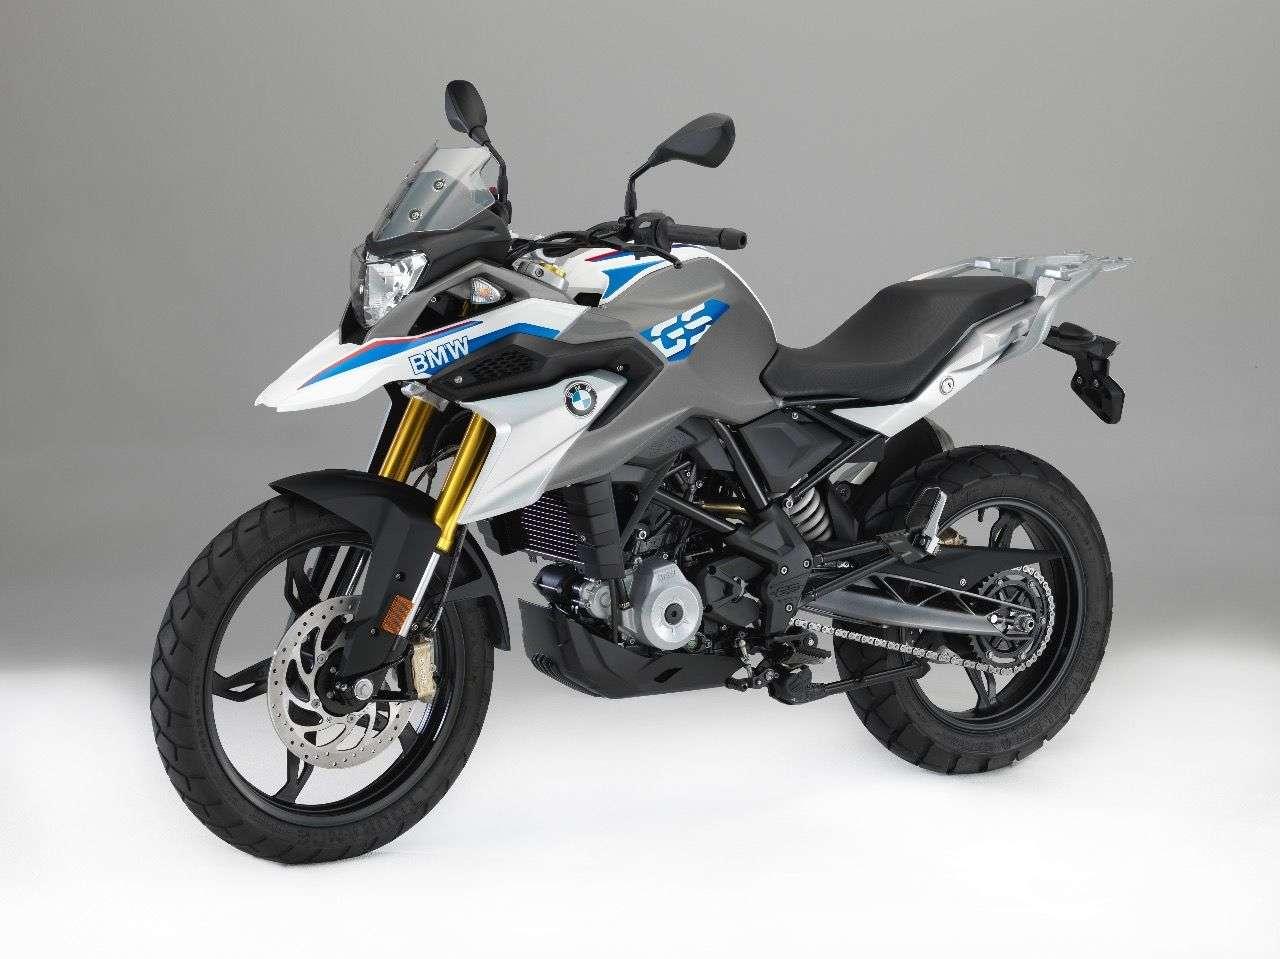 ... man für Weiß/Grau mit den BMW Motorsport-Farben einen kleinen Extra-Obolus entrichten muss.